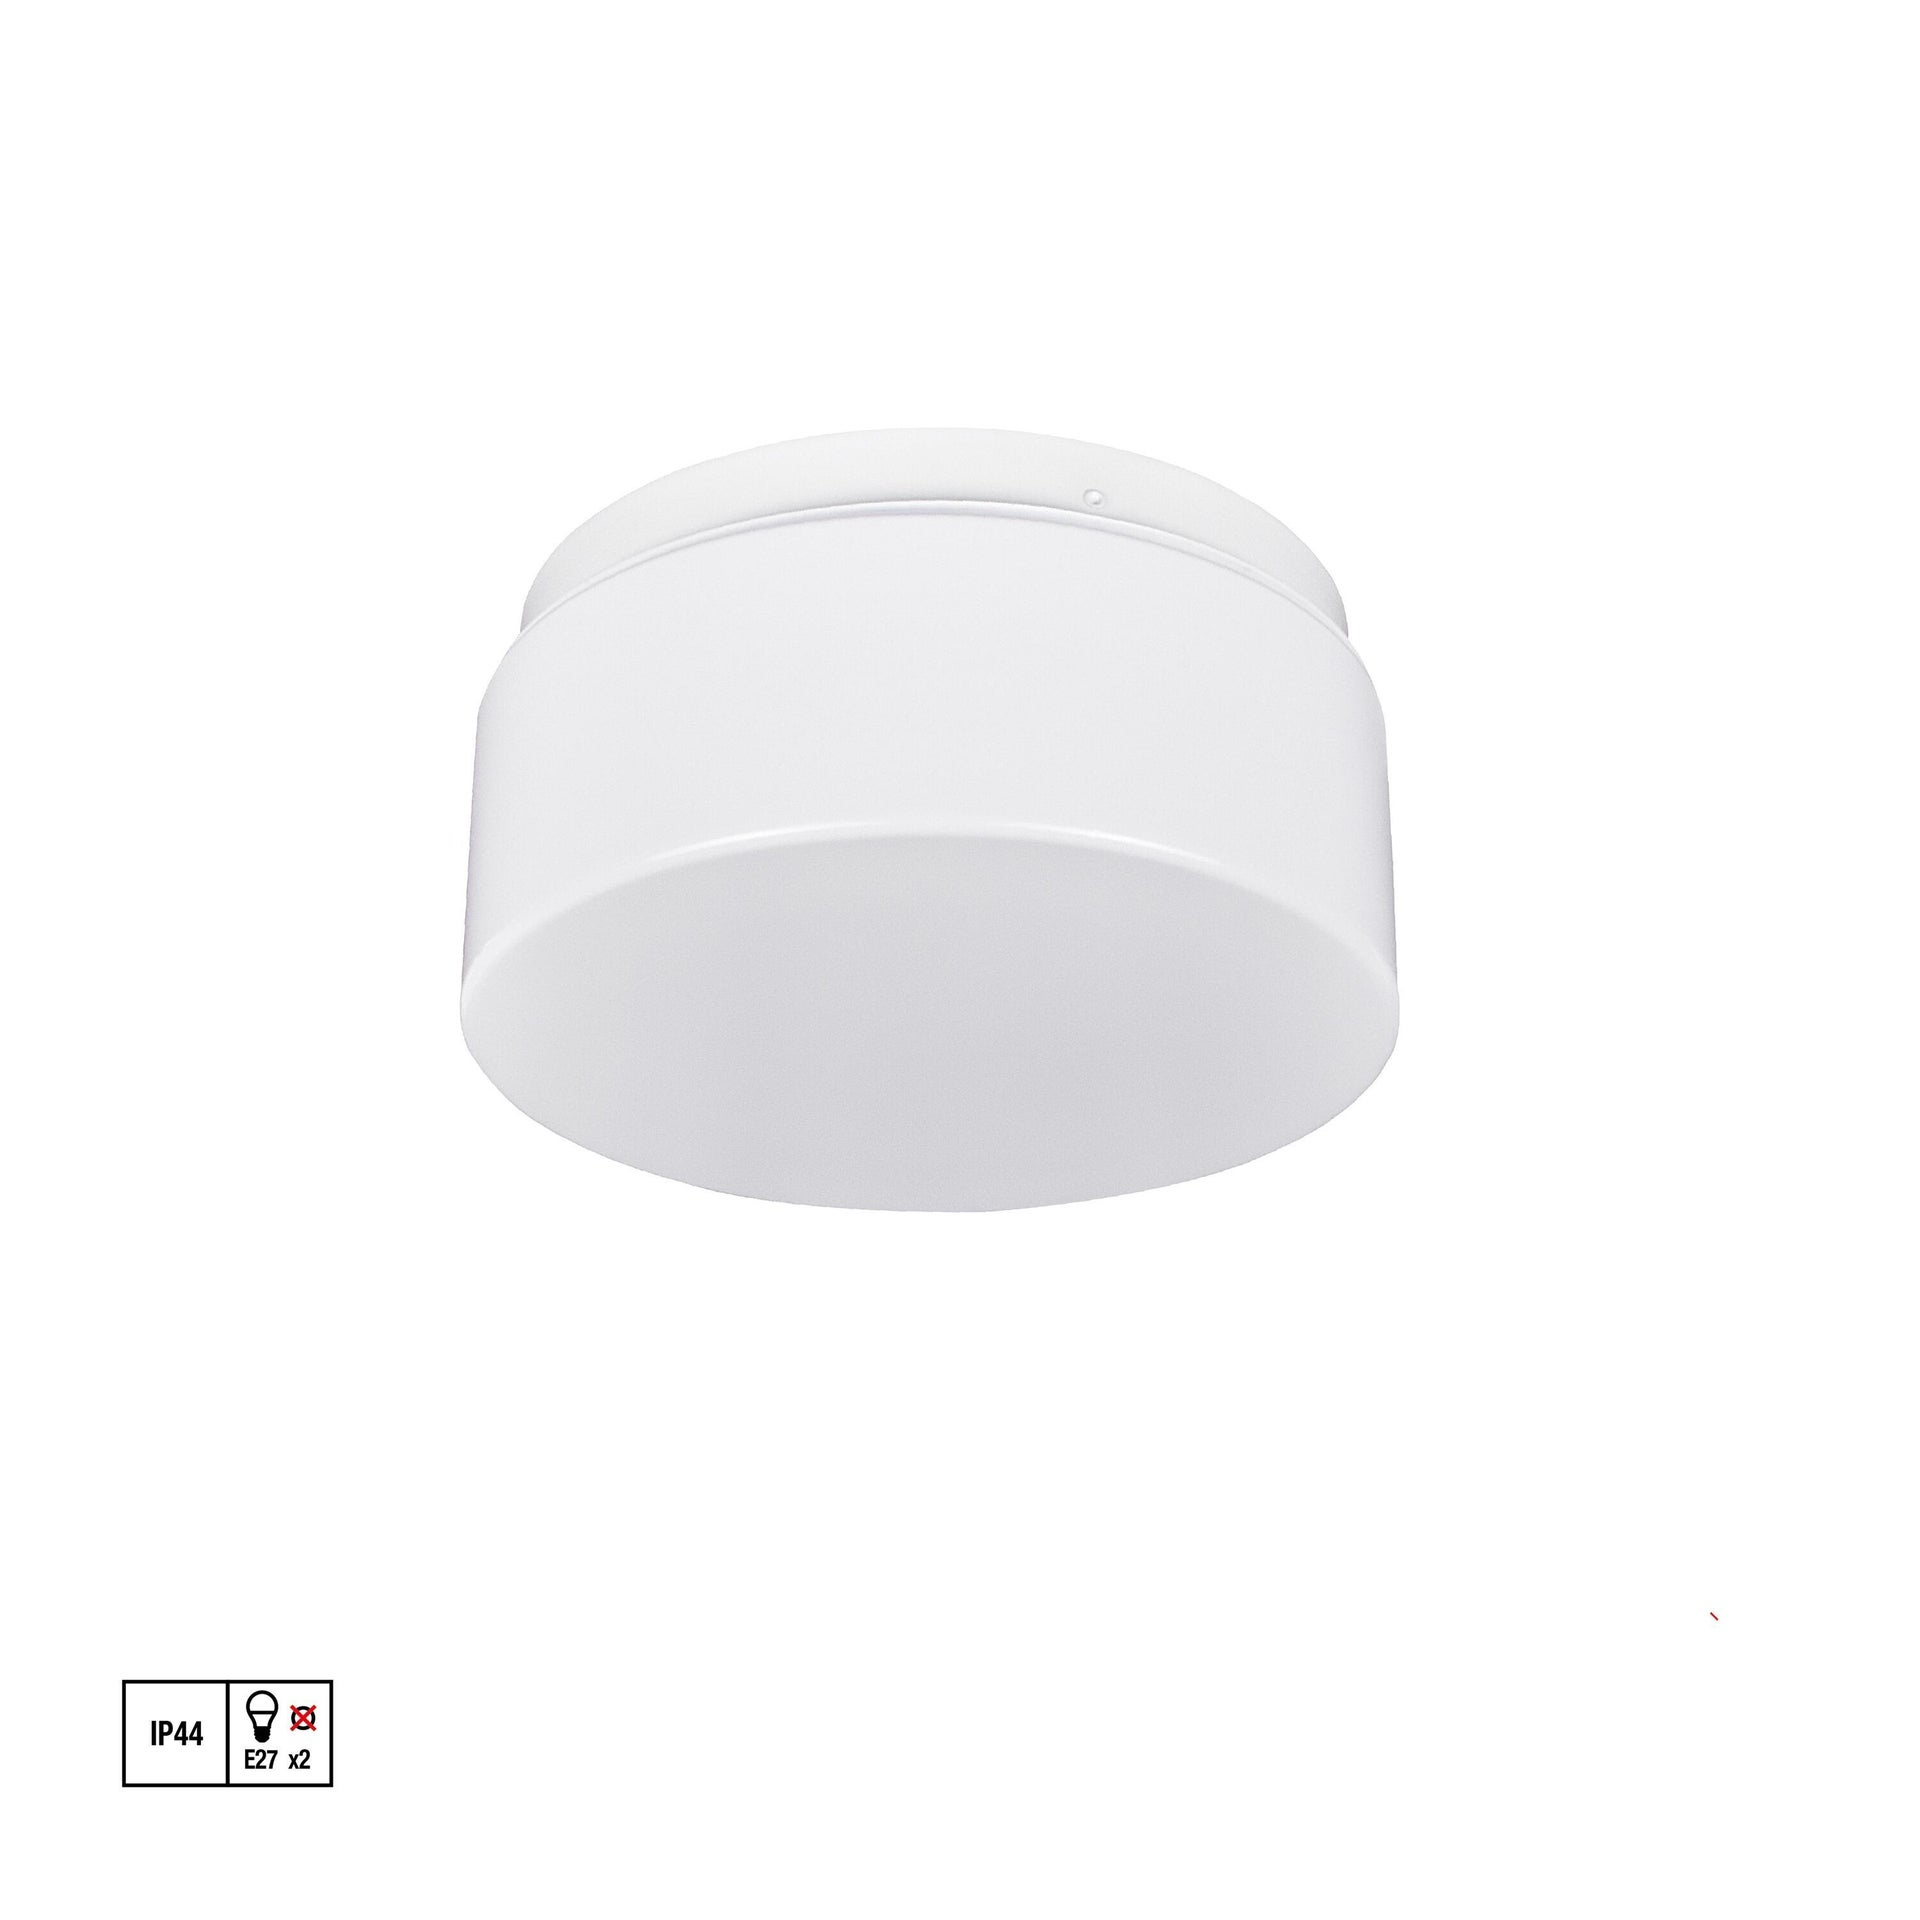 Plafoniera Plafoniera bianco D. 25 cm 25x25 cm, - 2